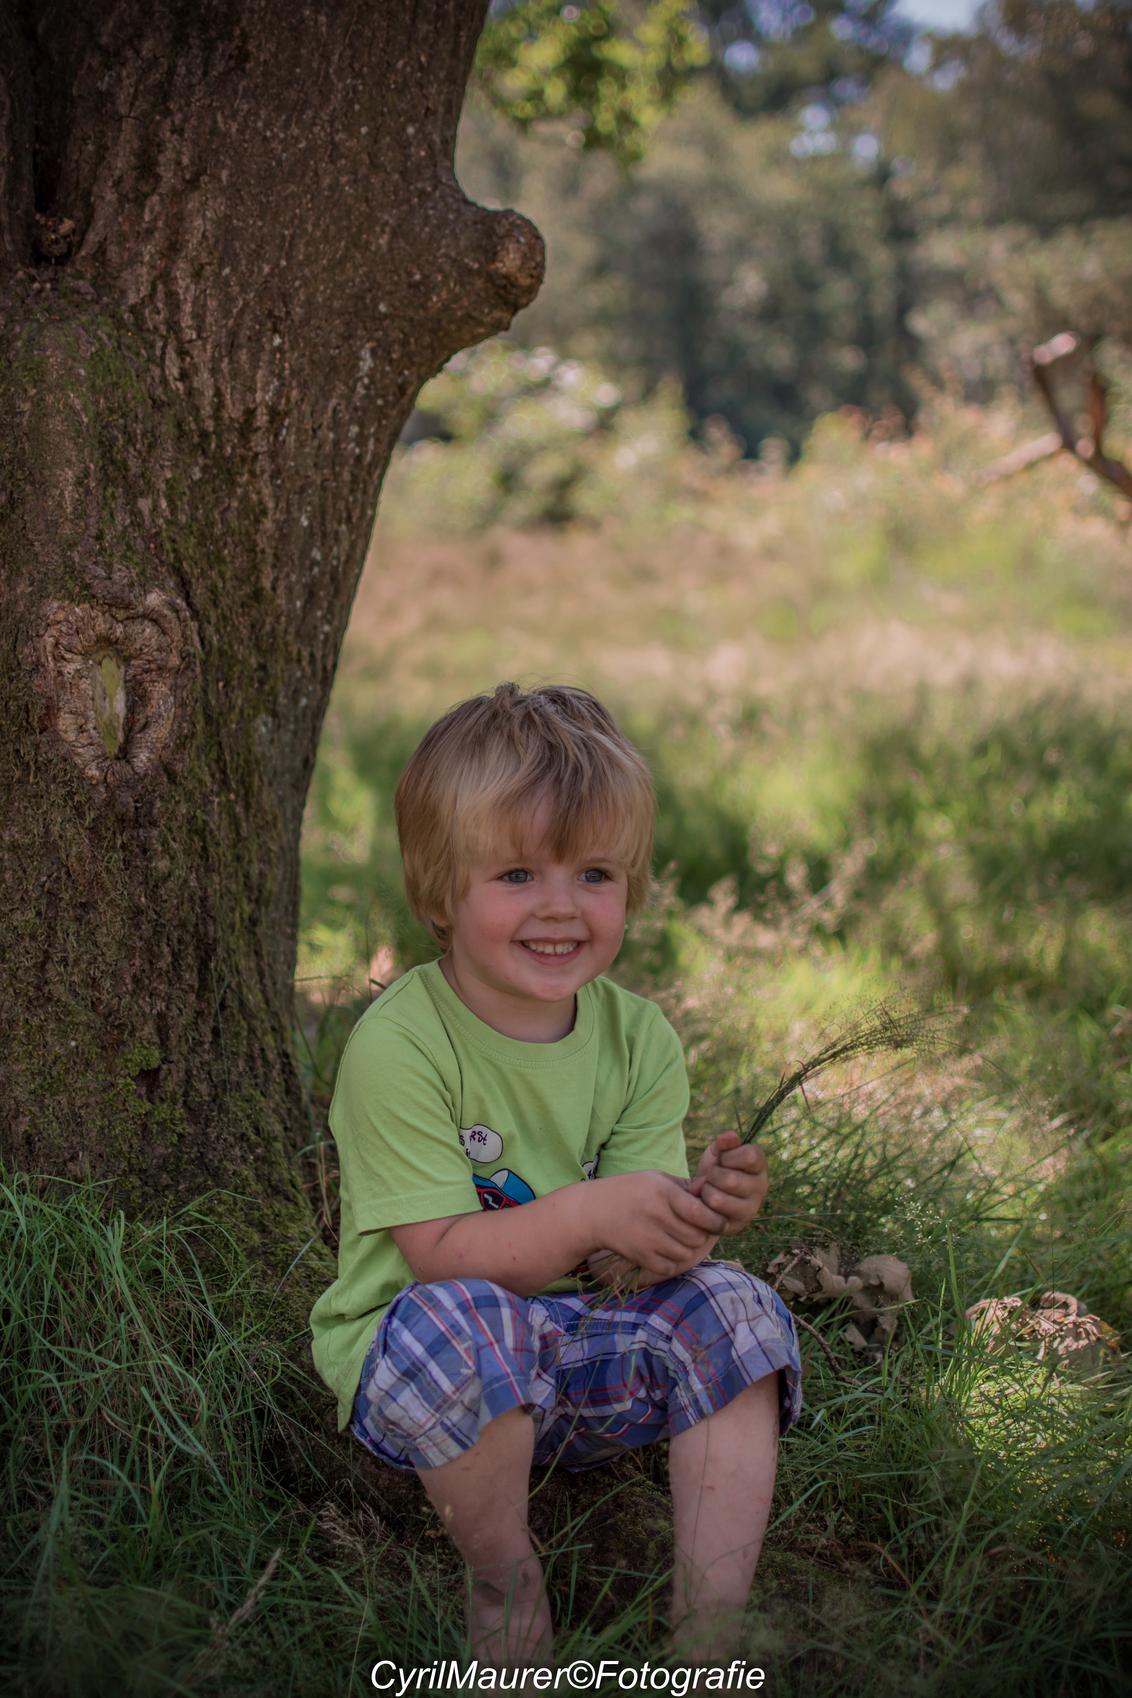 kijk papa nog een foto nemen bij de boom - was gisteren met dat warme weer er nog even op uitgegaan met Lucas , Lucas zat mooi hier onder de boom . ik hoefde hem bijna niet aan te sturen. hij  - foto door sipmaurer op 20-07-2016 - deze foto bevat: gras, boom, schaduw, bos, tegenlicht, daglicht, kind, ogen, lucas, buiten, blond, bilthoven, 35mm, lag, mijn zoon, doffe achtergrond